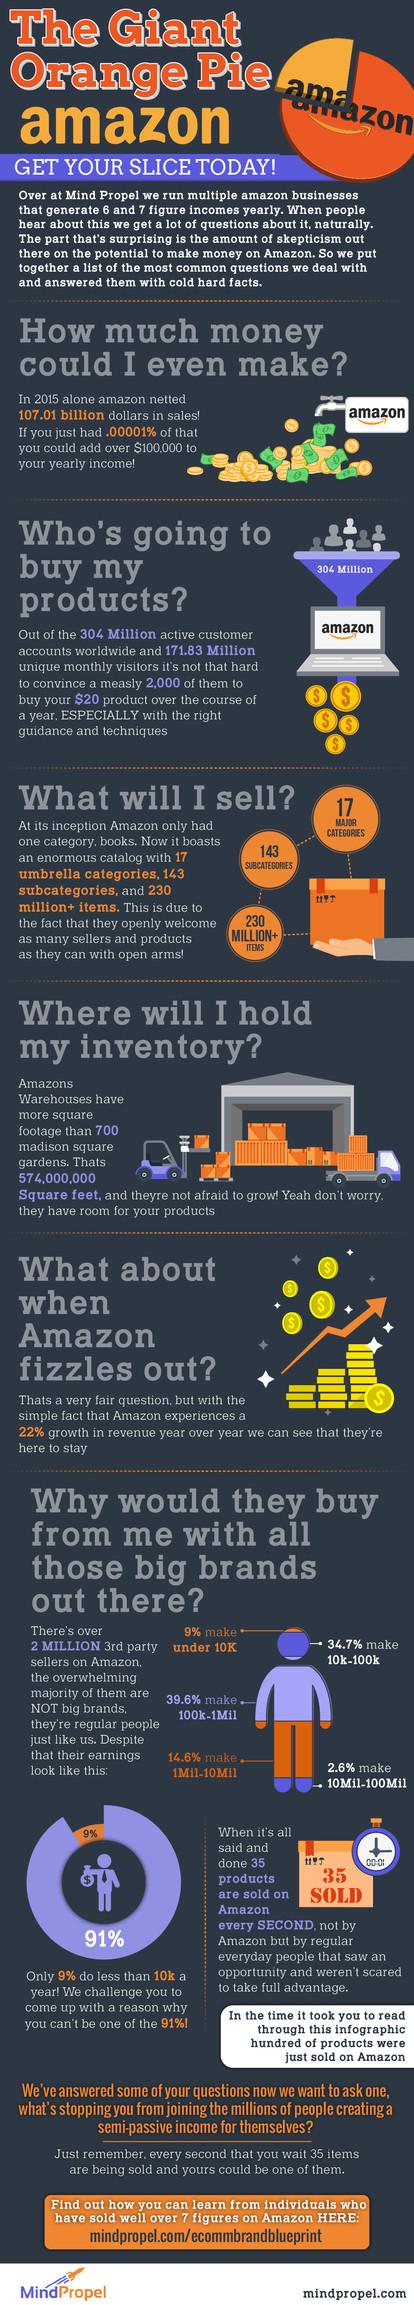 The Giant Orange Pie Amazon